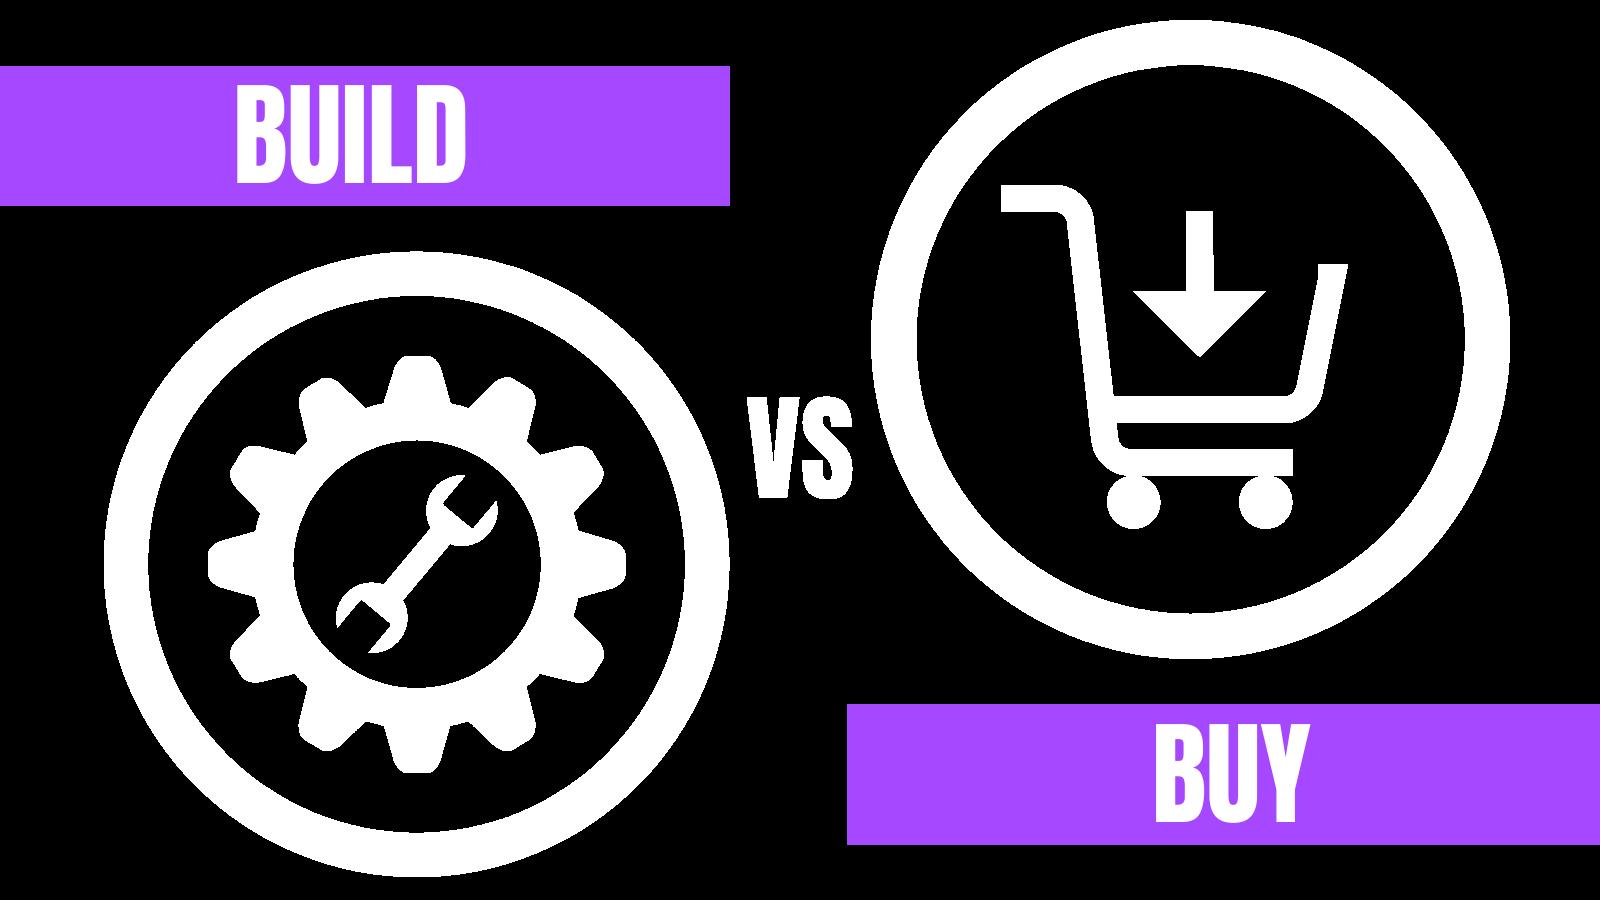 Build_vs_Buy